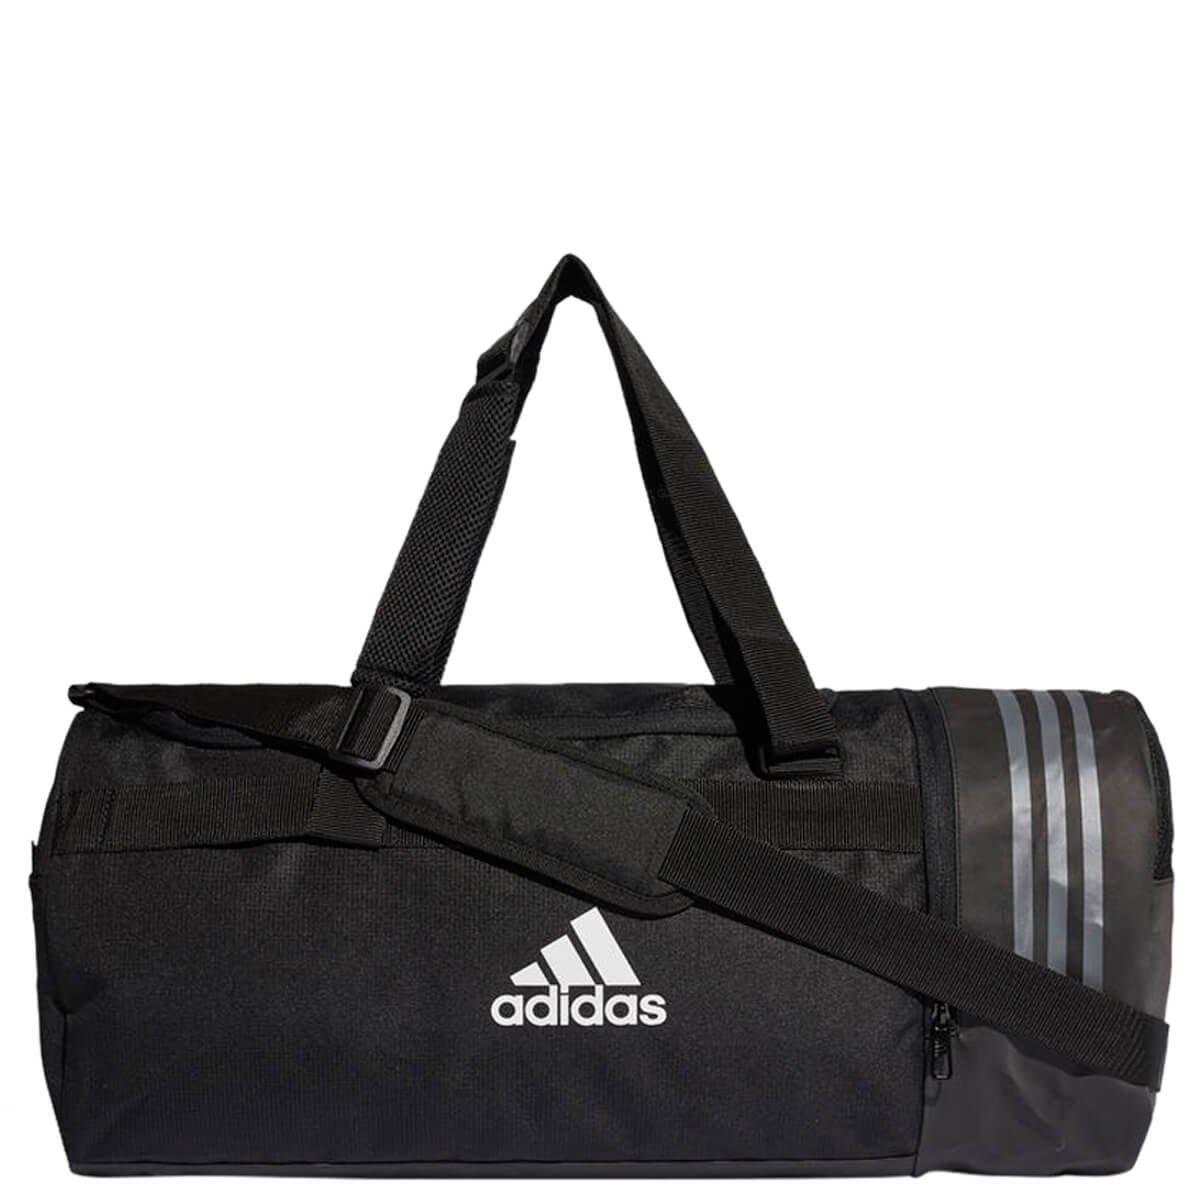 267669fca Bizz Store - Sacola De Viagem Adidas Duffel 3 Stripes